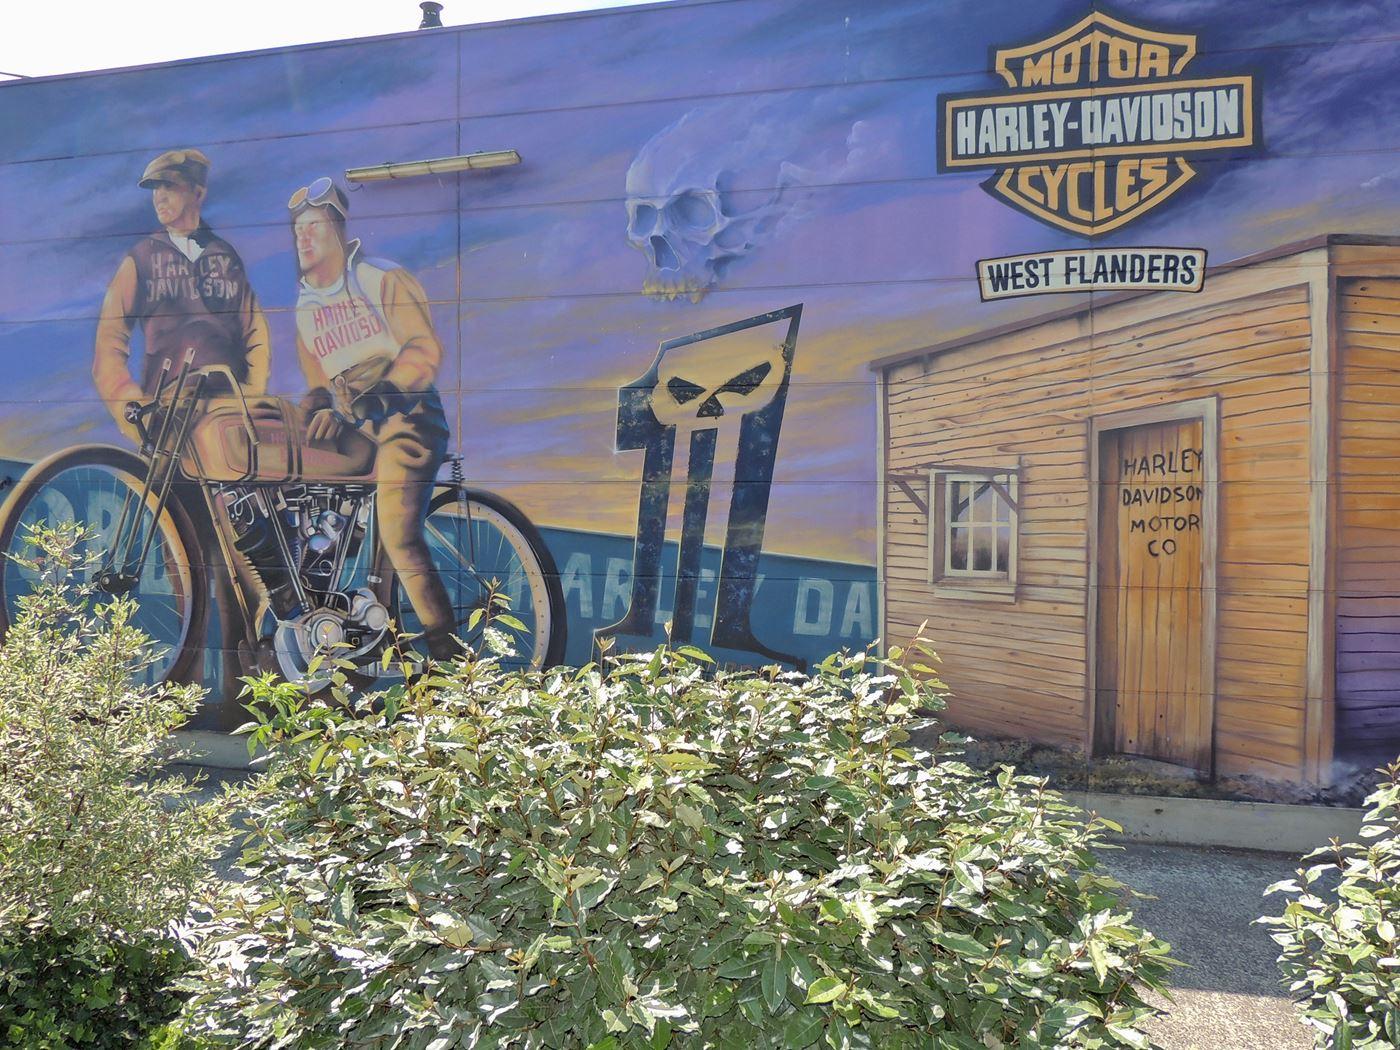 Harley Davidson West Flanders custom mural painting